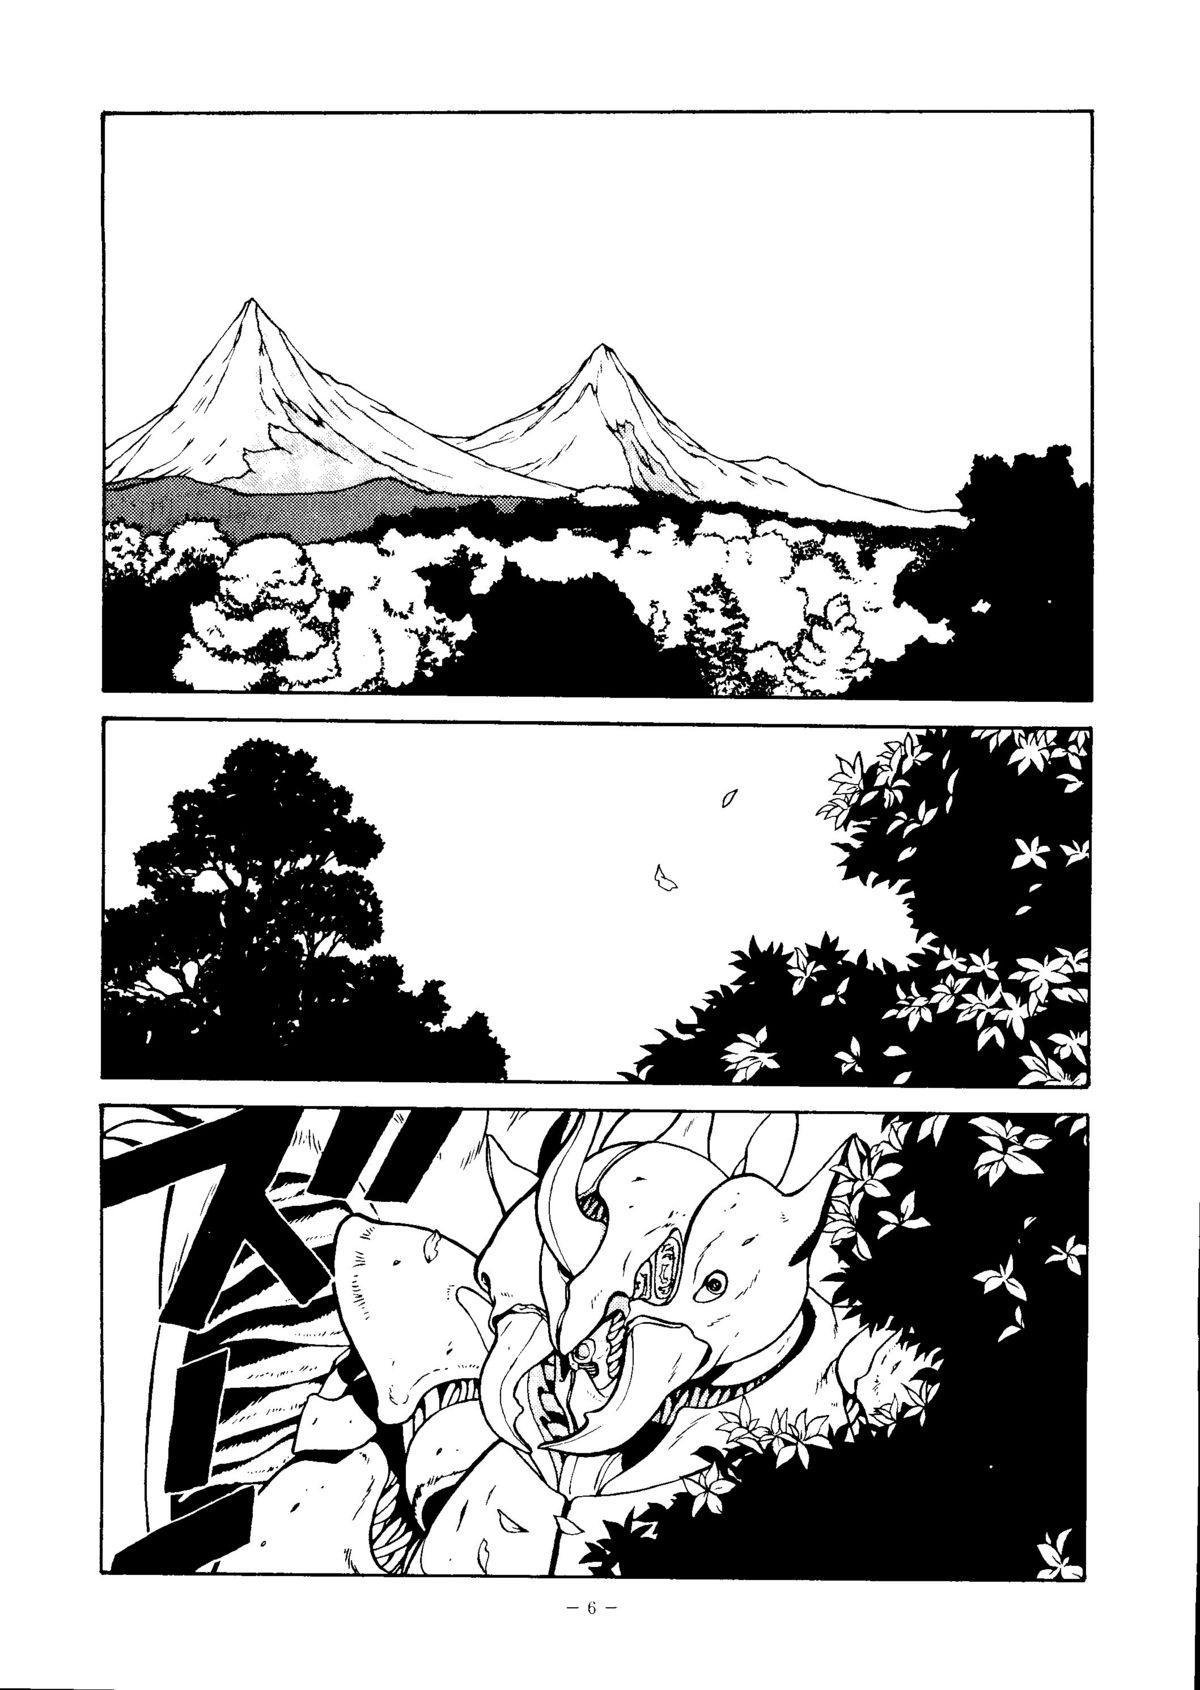 SOA - Sense of Okachimentaiko and Alps 4